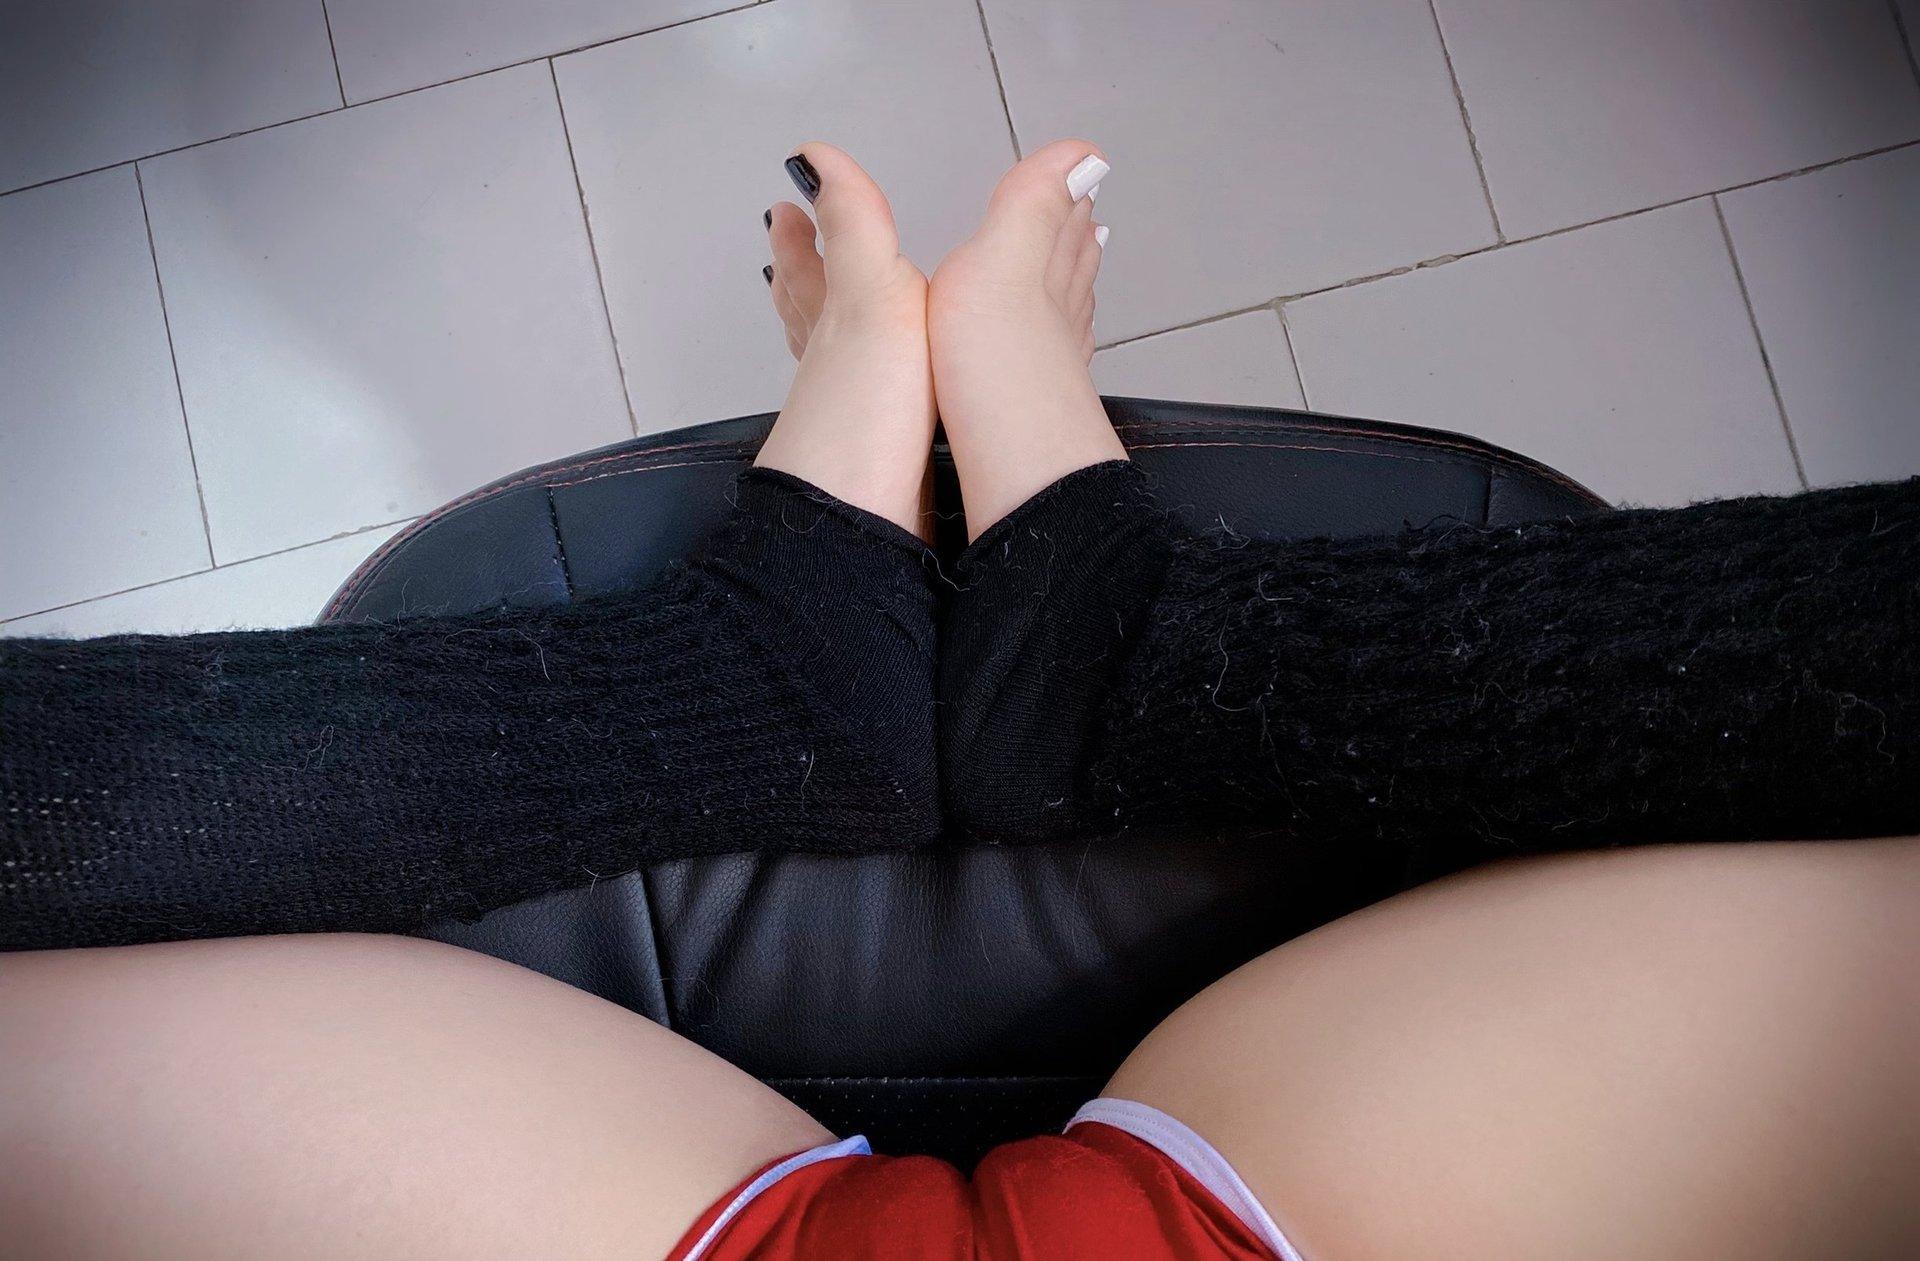 Vita Celestine Vitacelestine Onlyfans Nude Leaks 0015